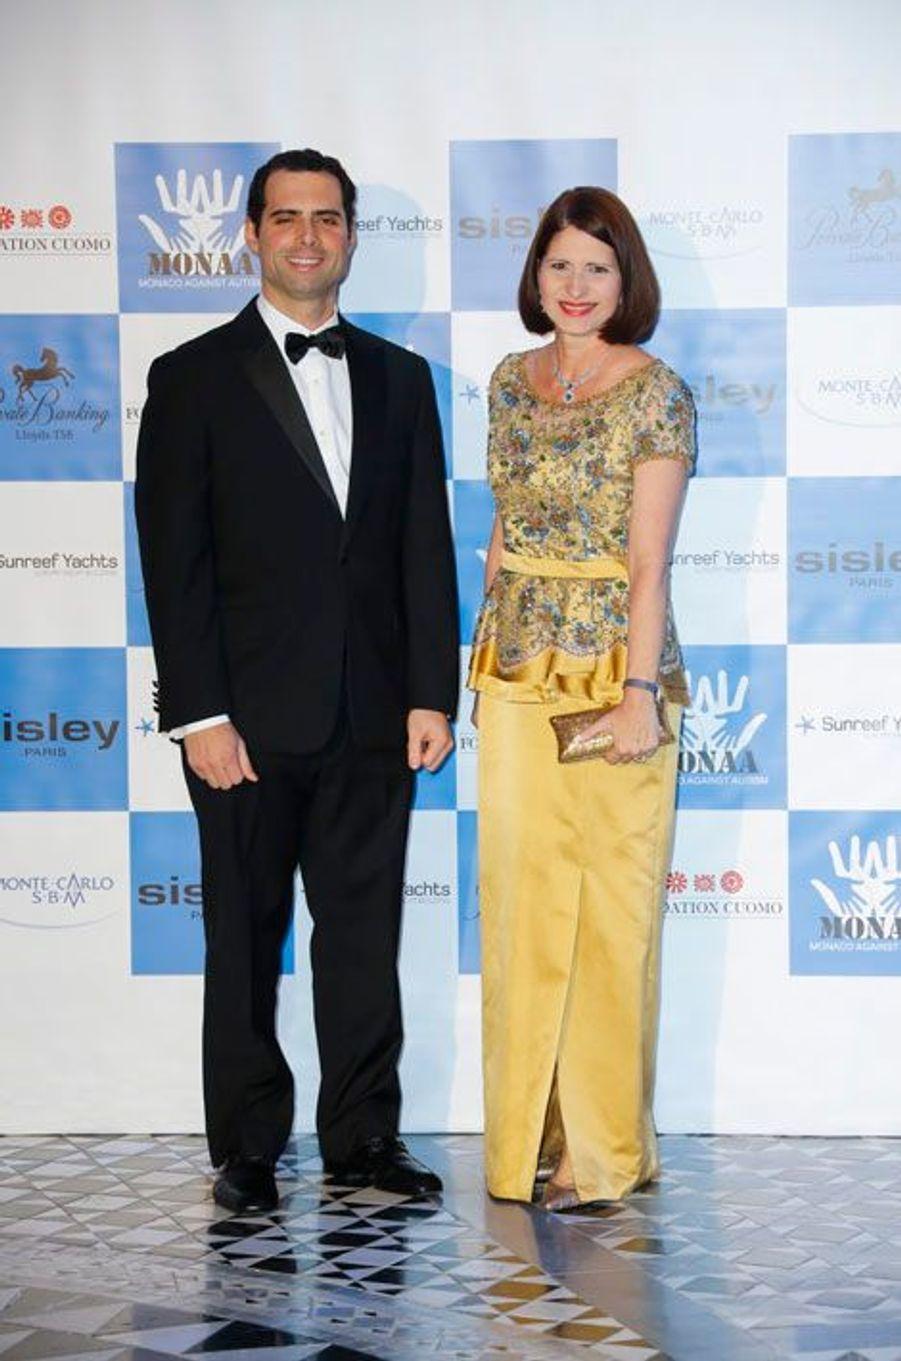 La première dame du Panama, Marta Linares De Martinelli, a pris part au gala avec son fils, Ricardo.